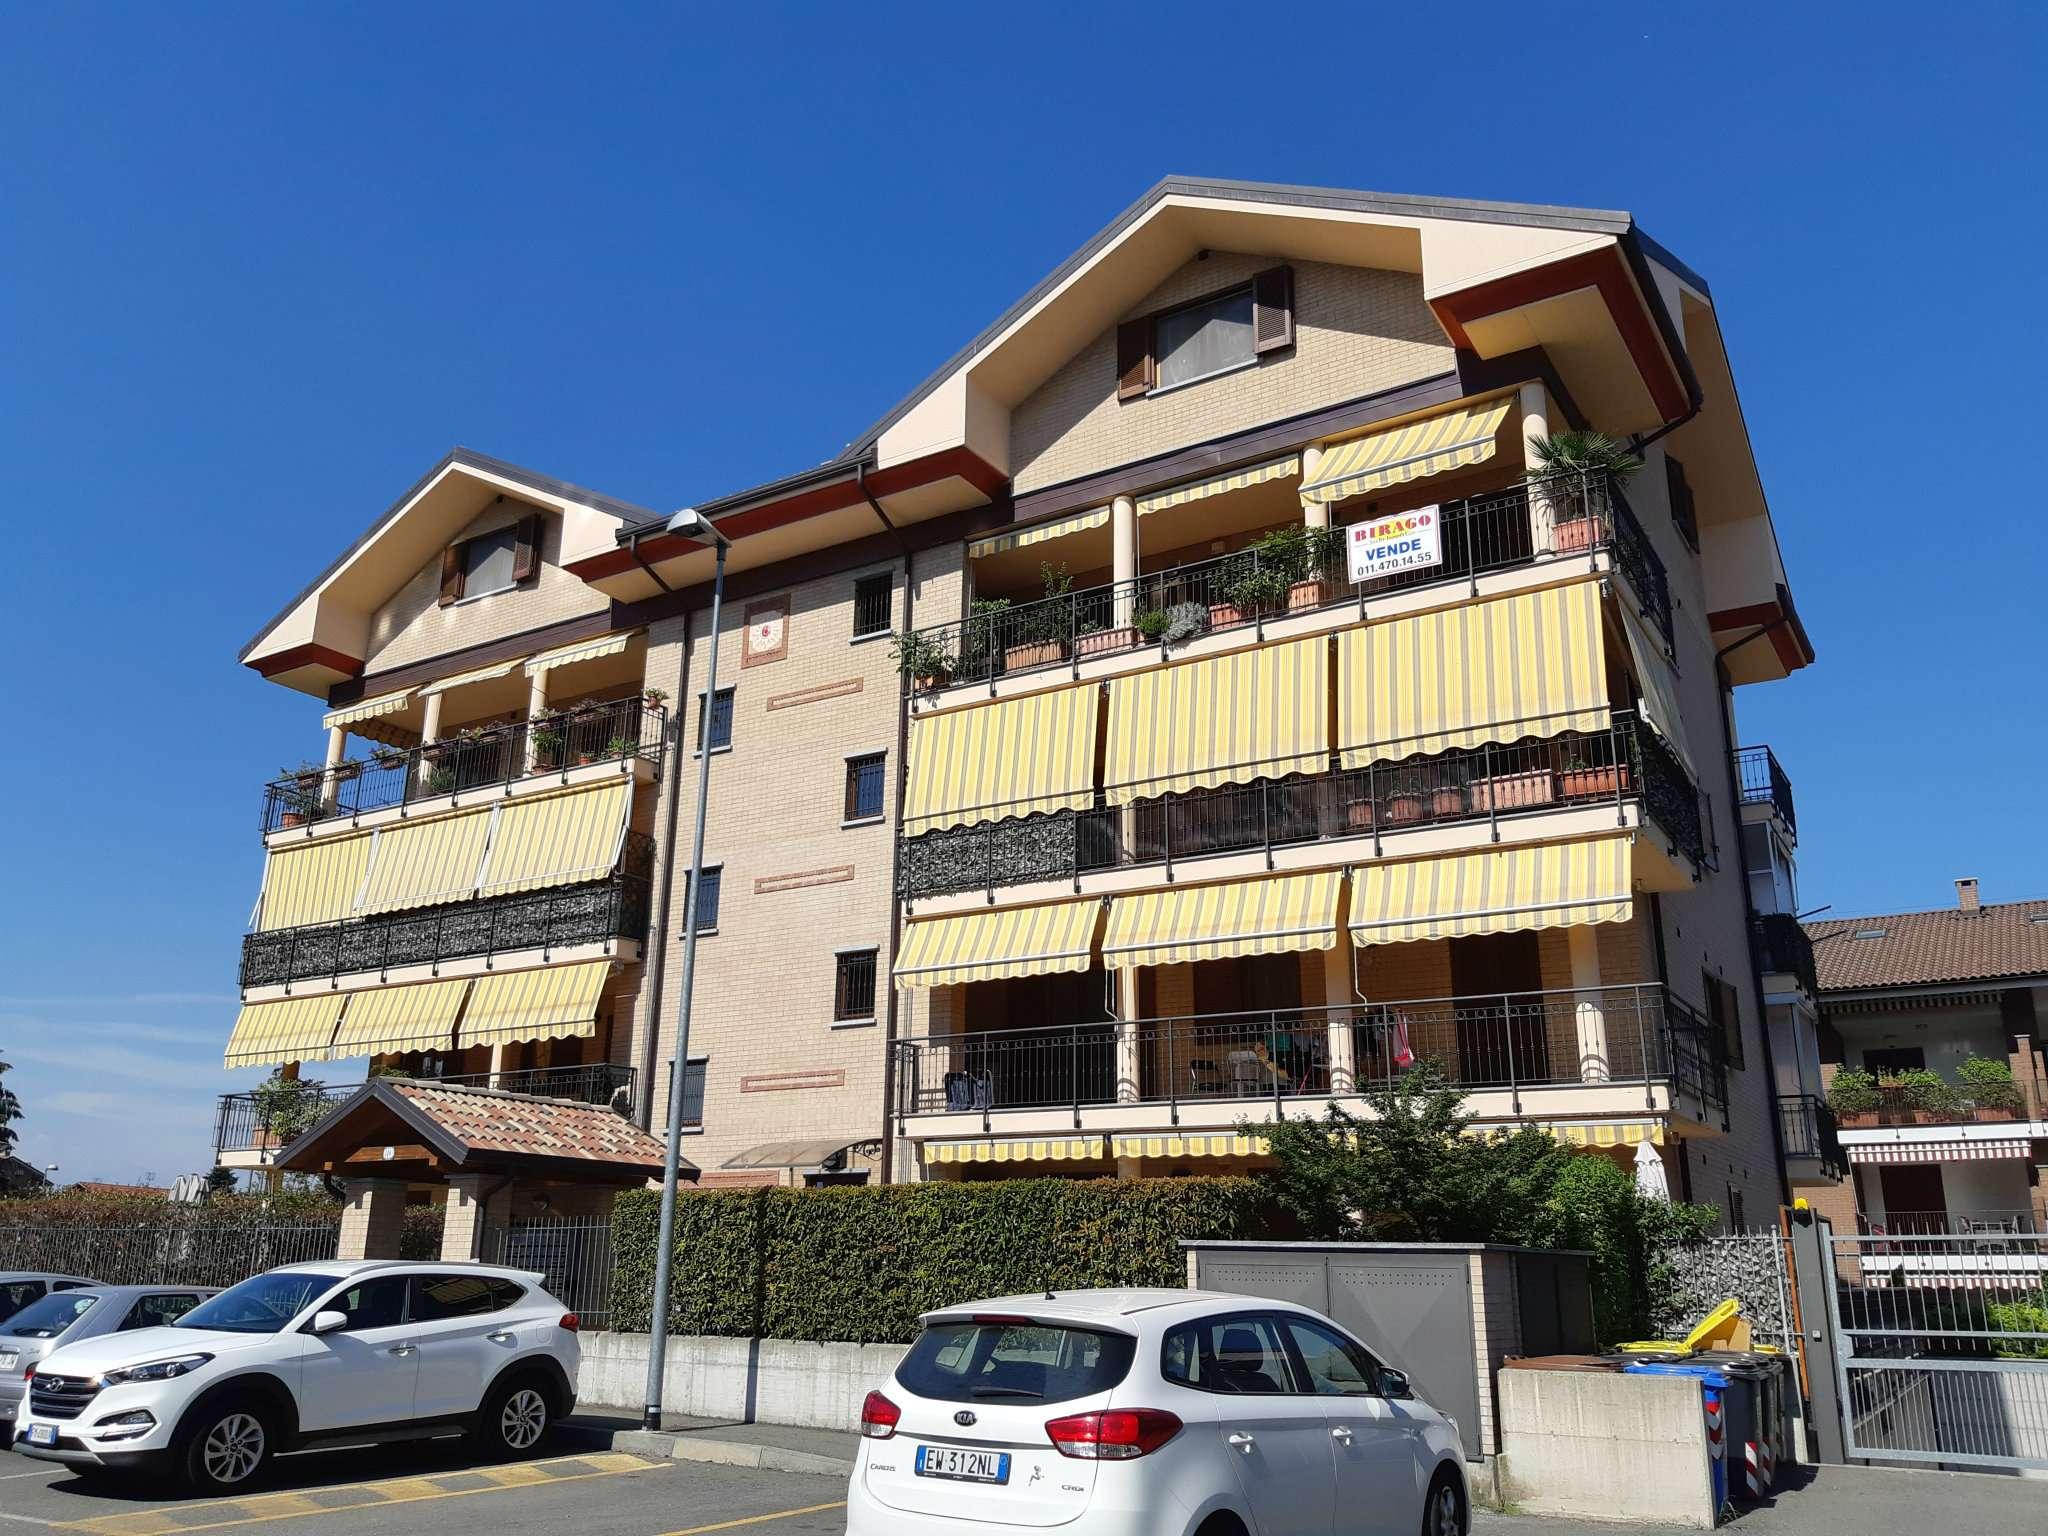 Foto 1 di Appartamento via alle fabbriche  140, Caselle Torinese